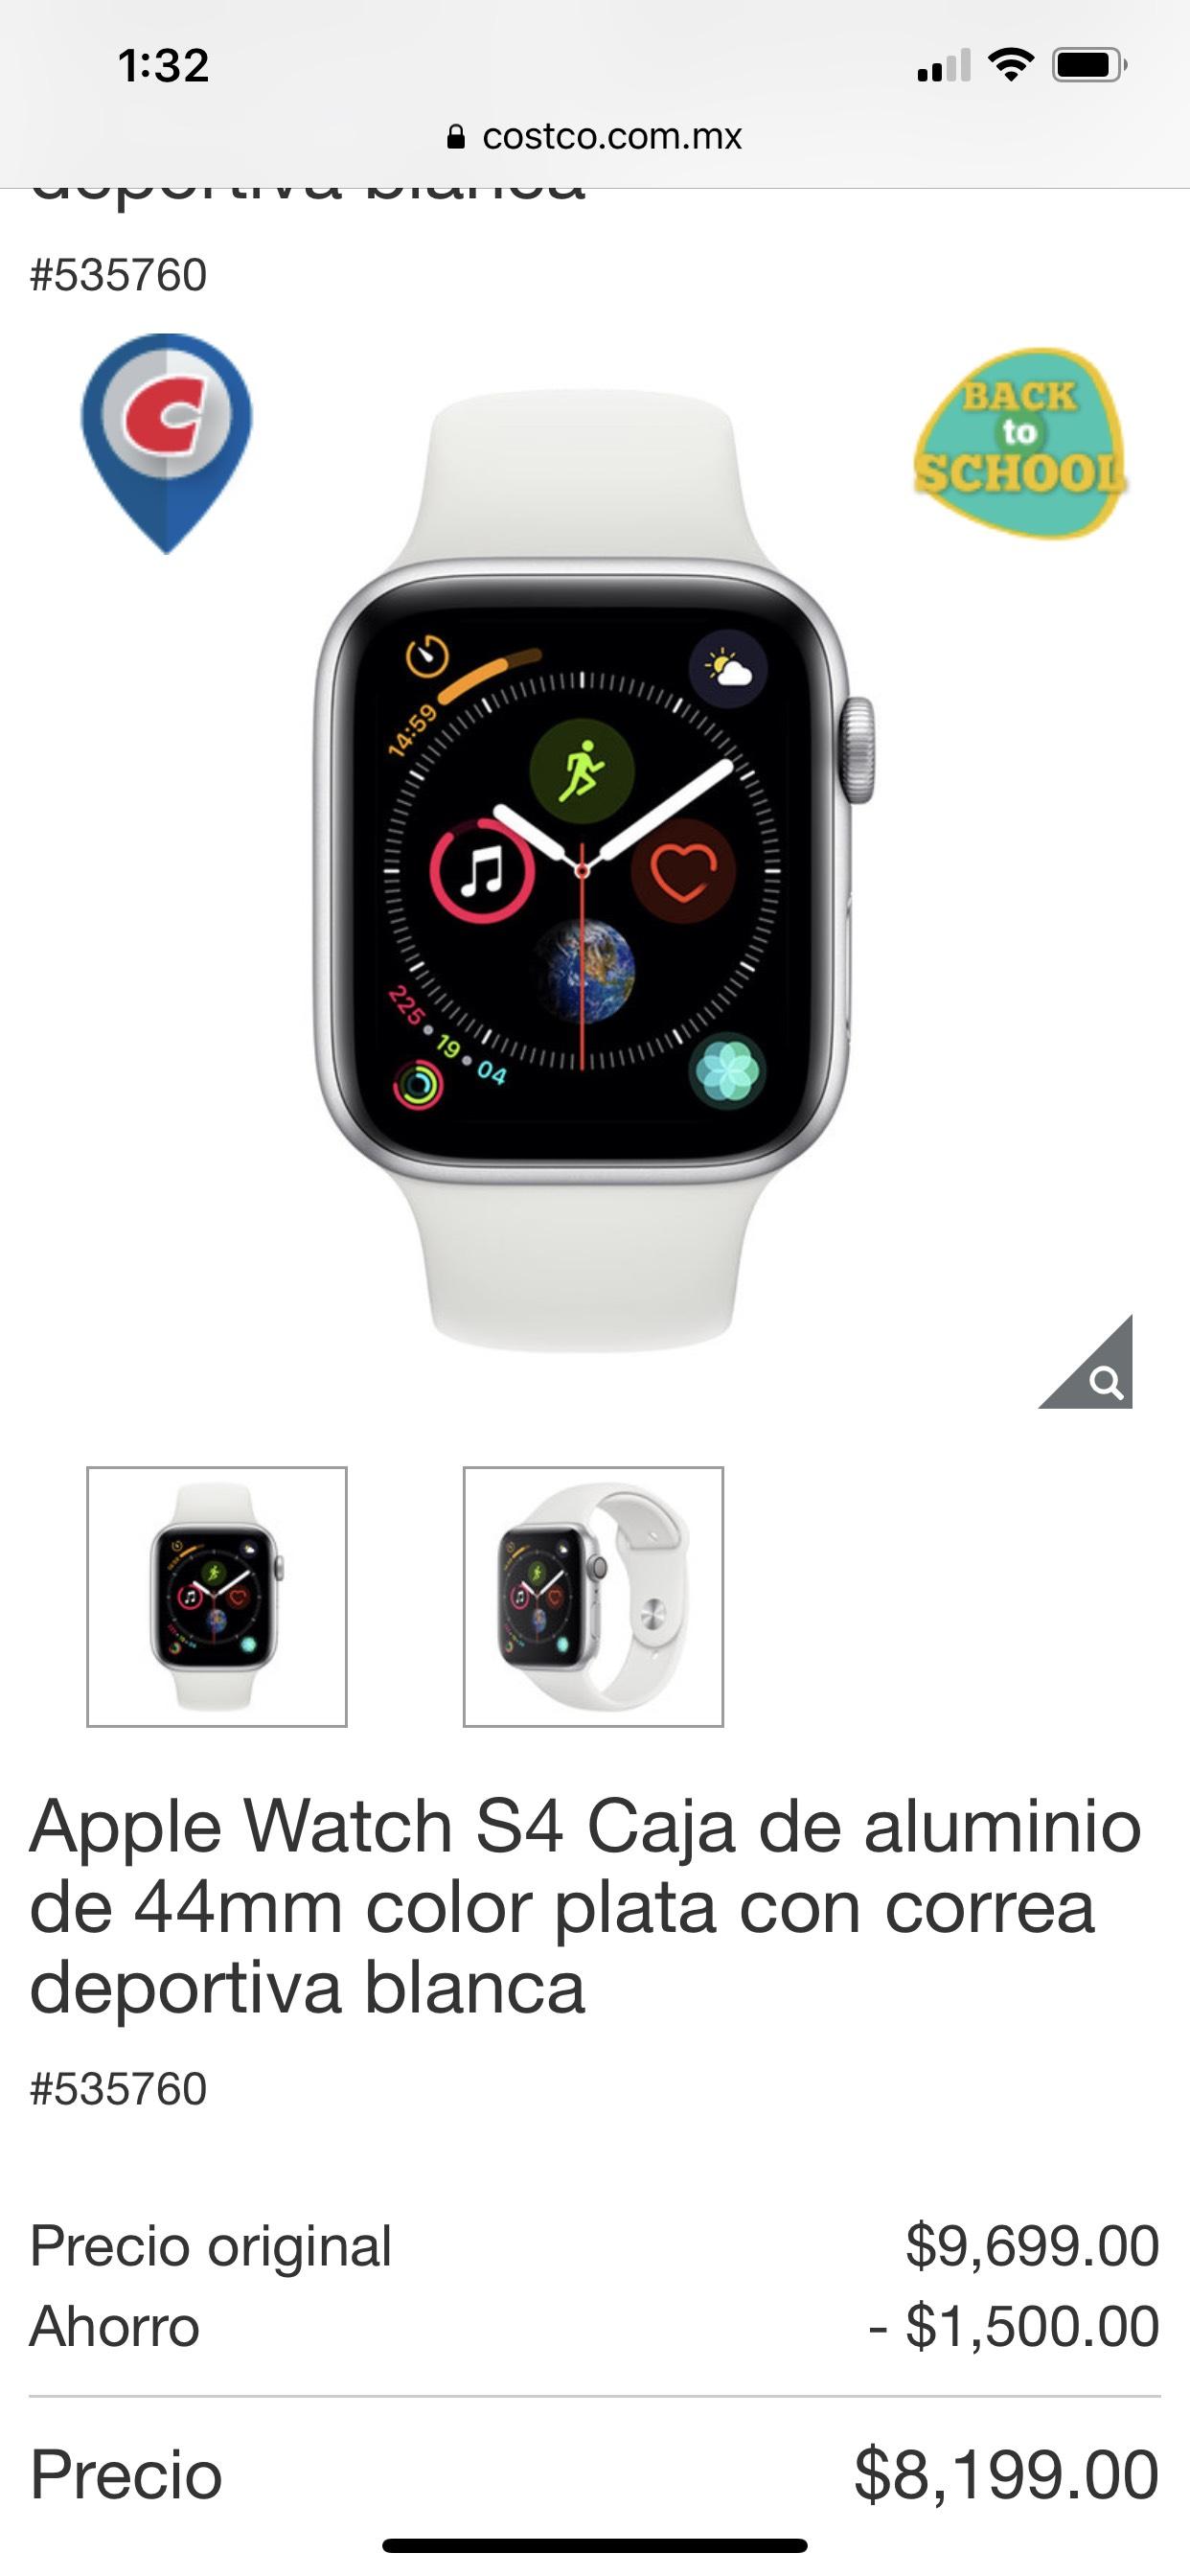 Costco apple watch s4 44mm pagando con visa